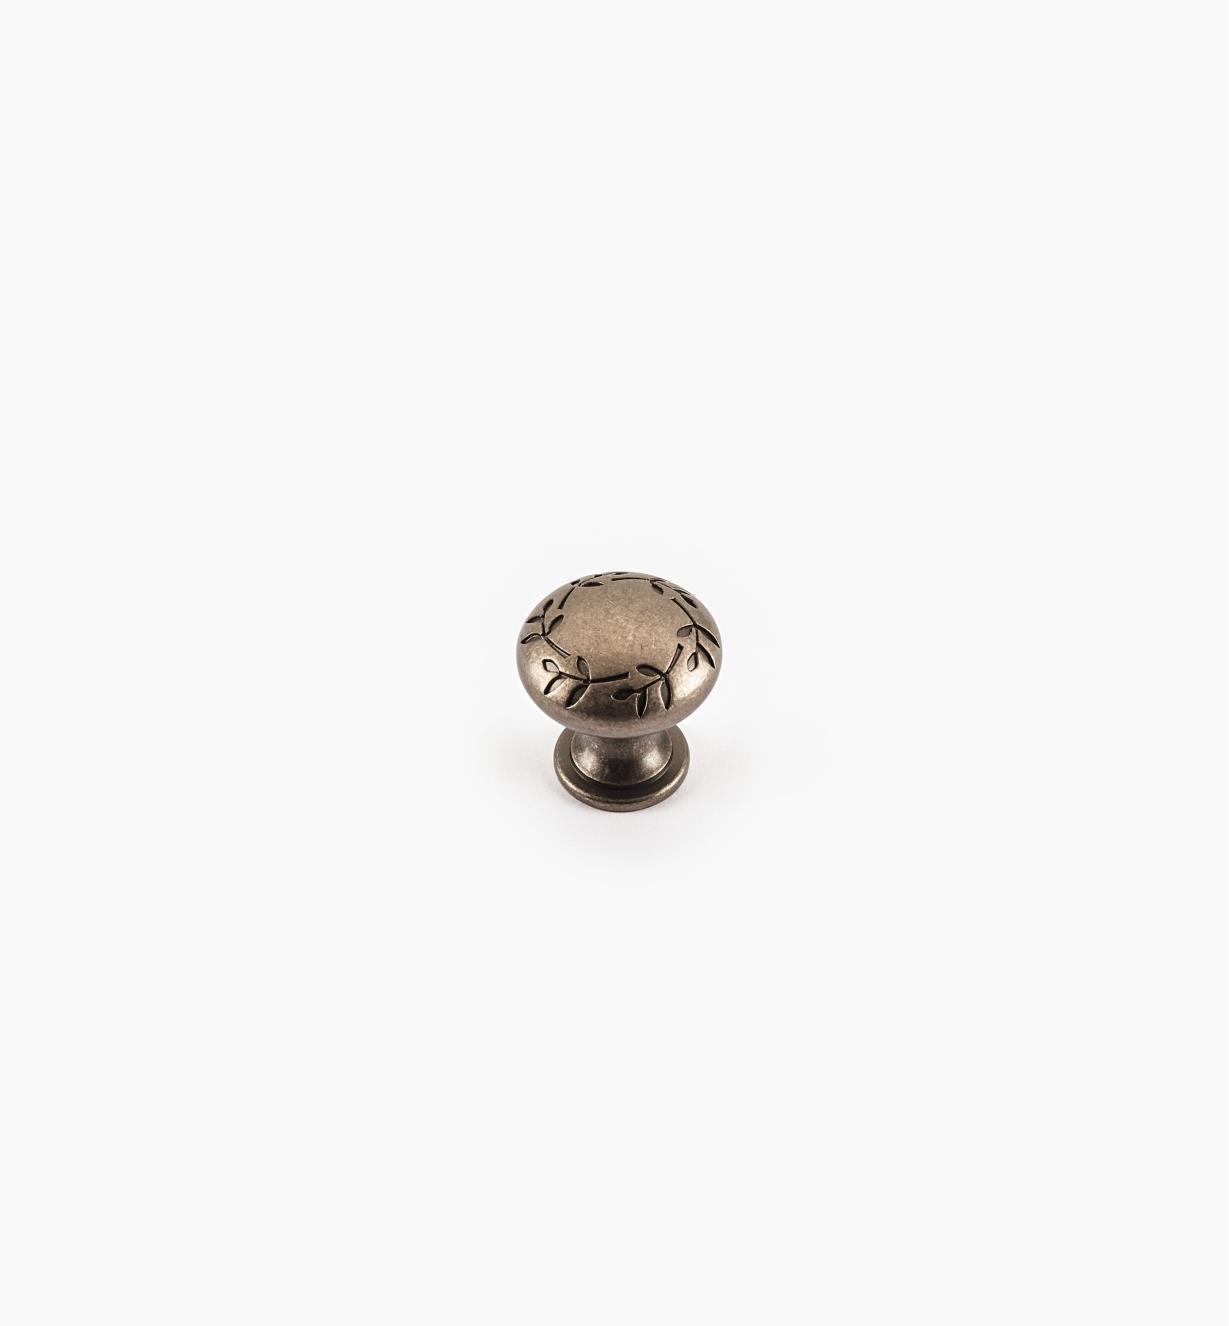 02W4065 - AP Knob